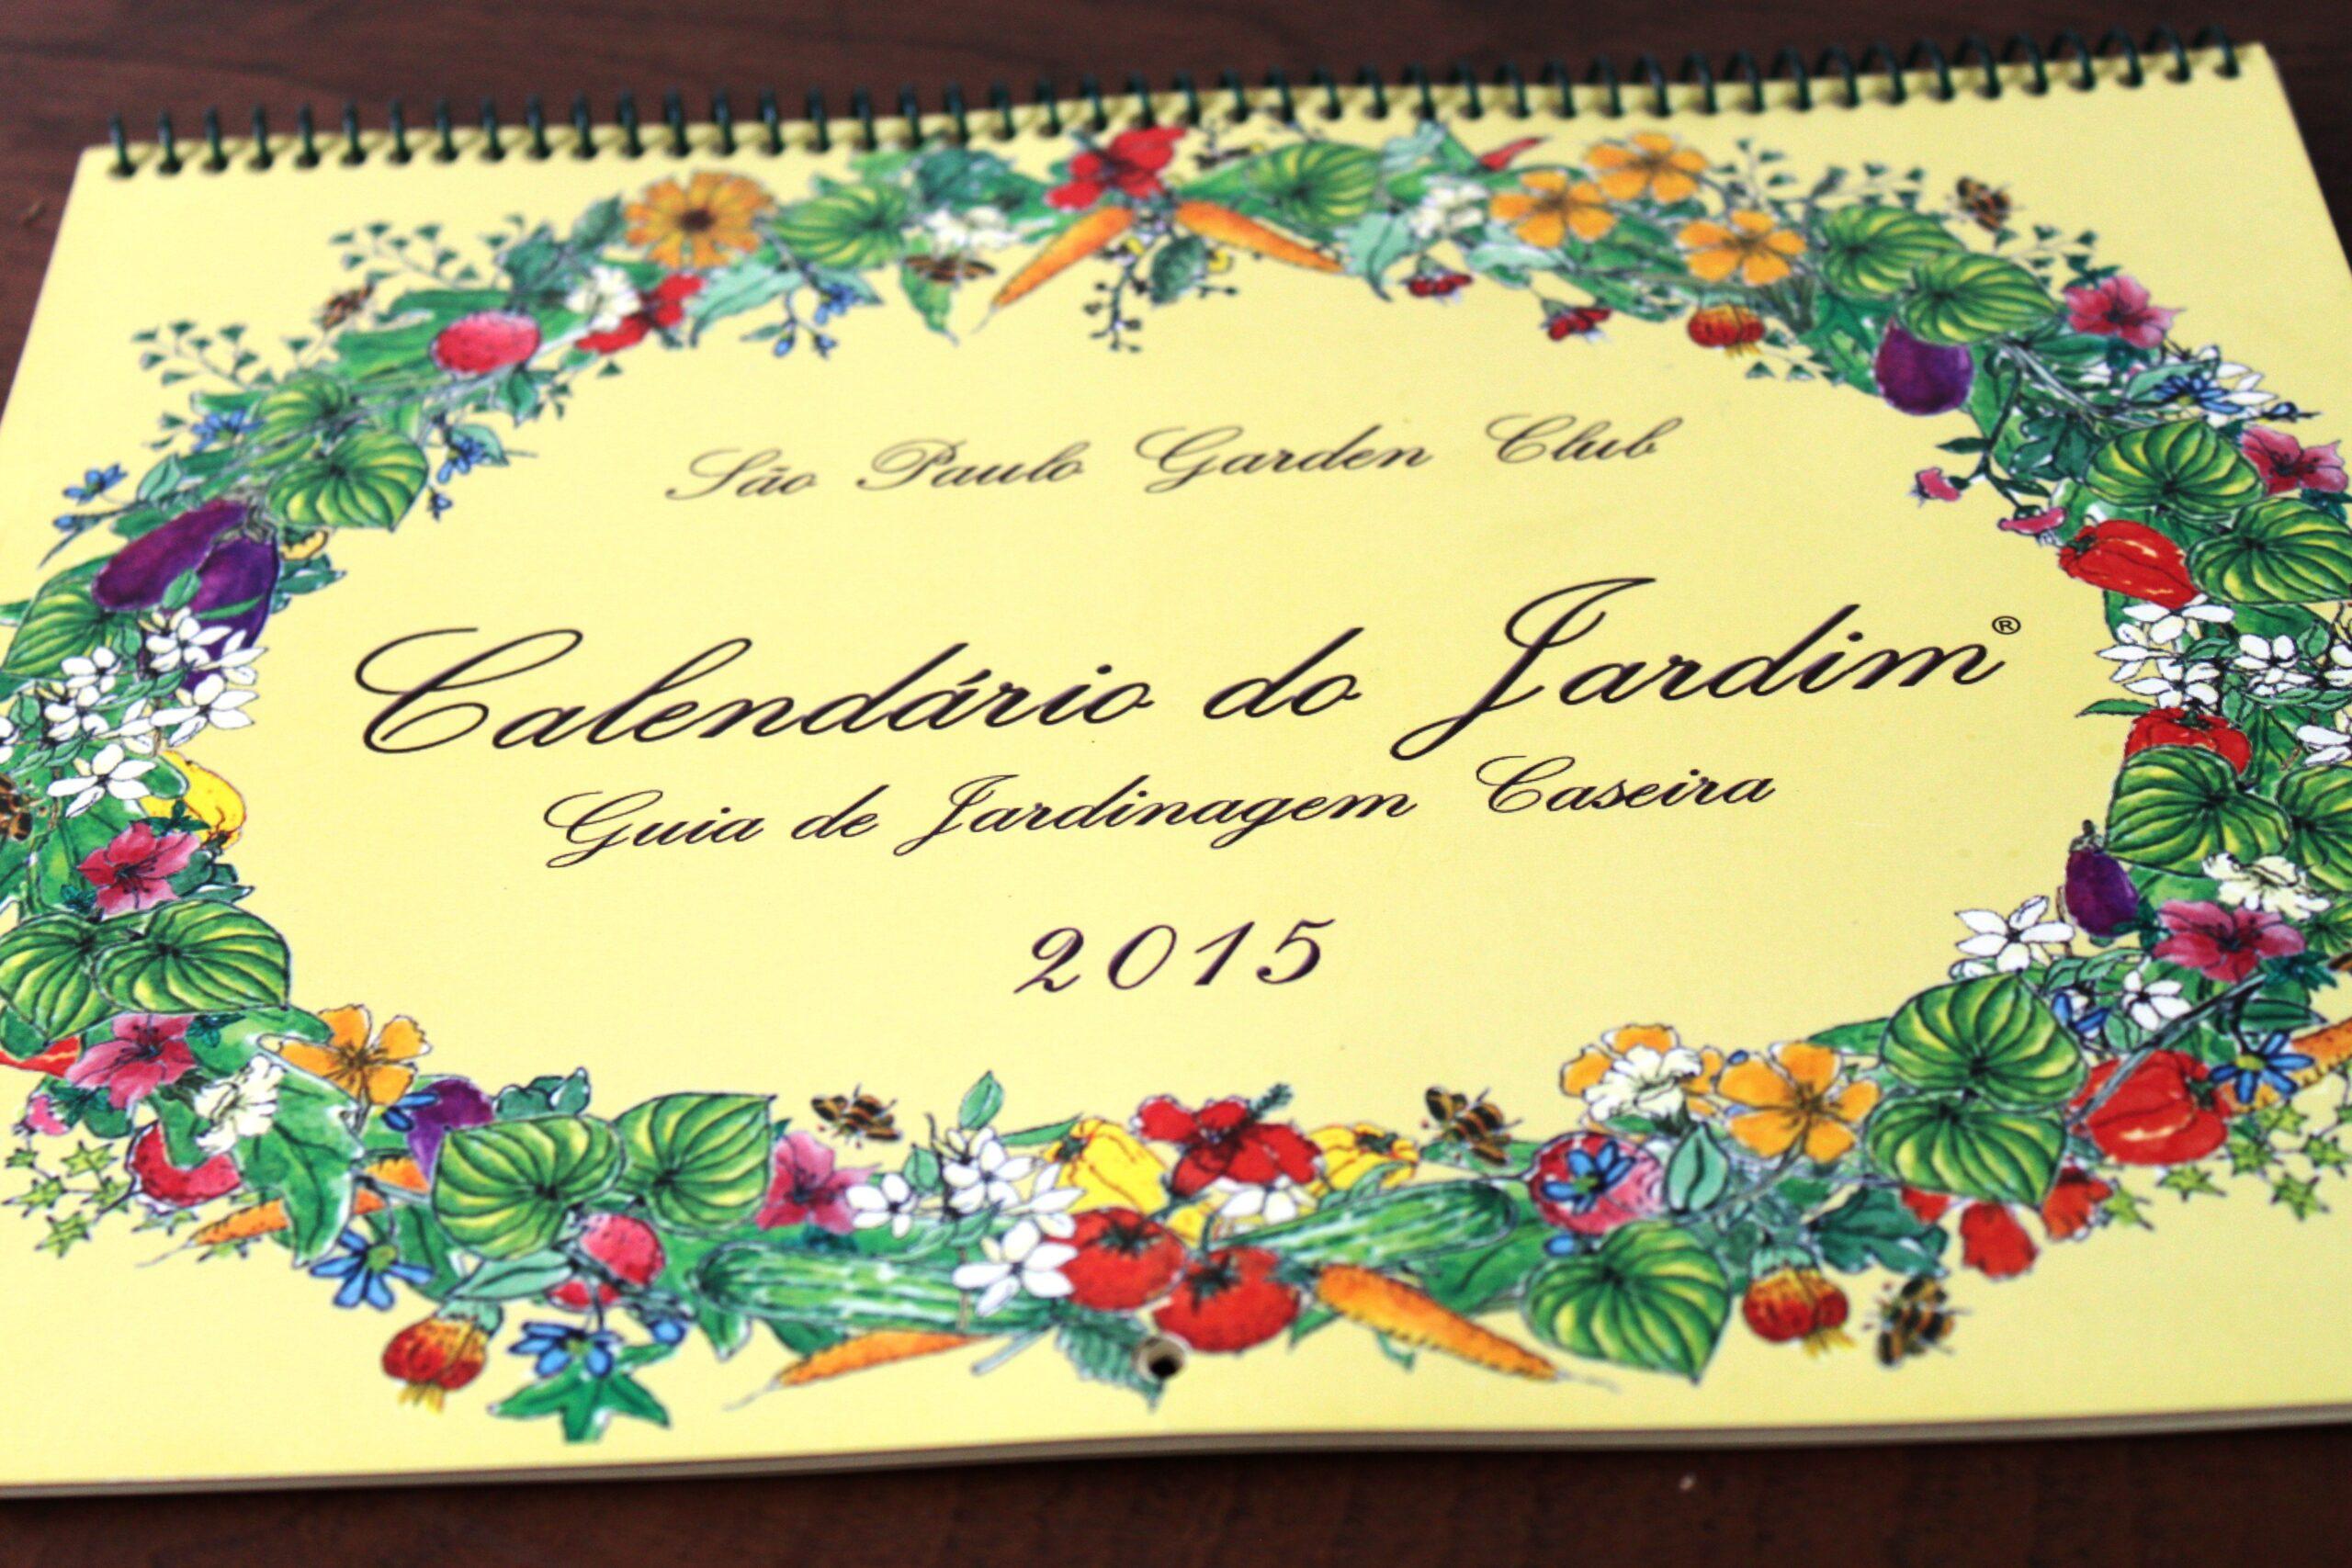 Calendário do Jardim: Guia de Jardinagem Caseira